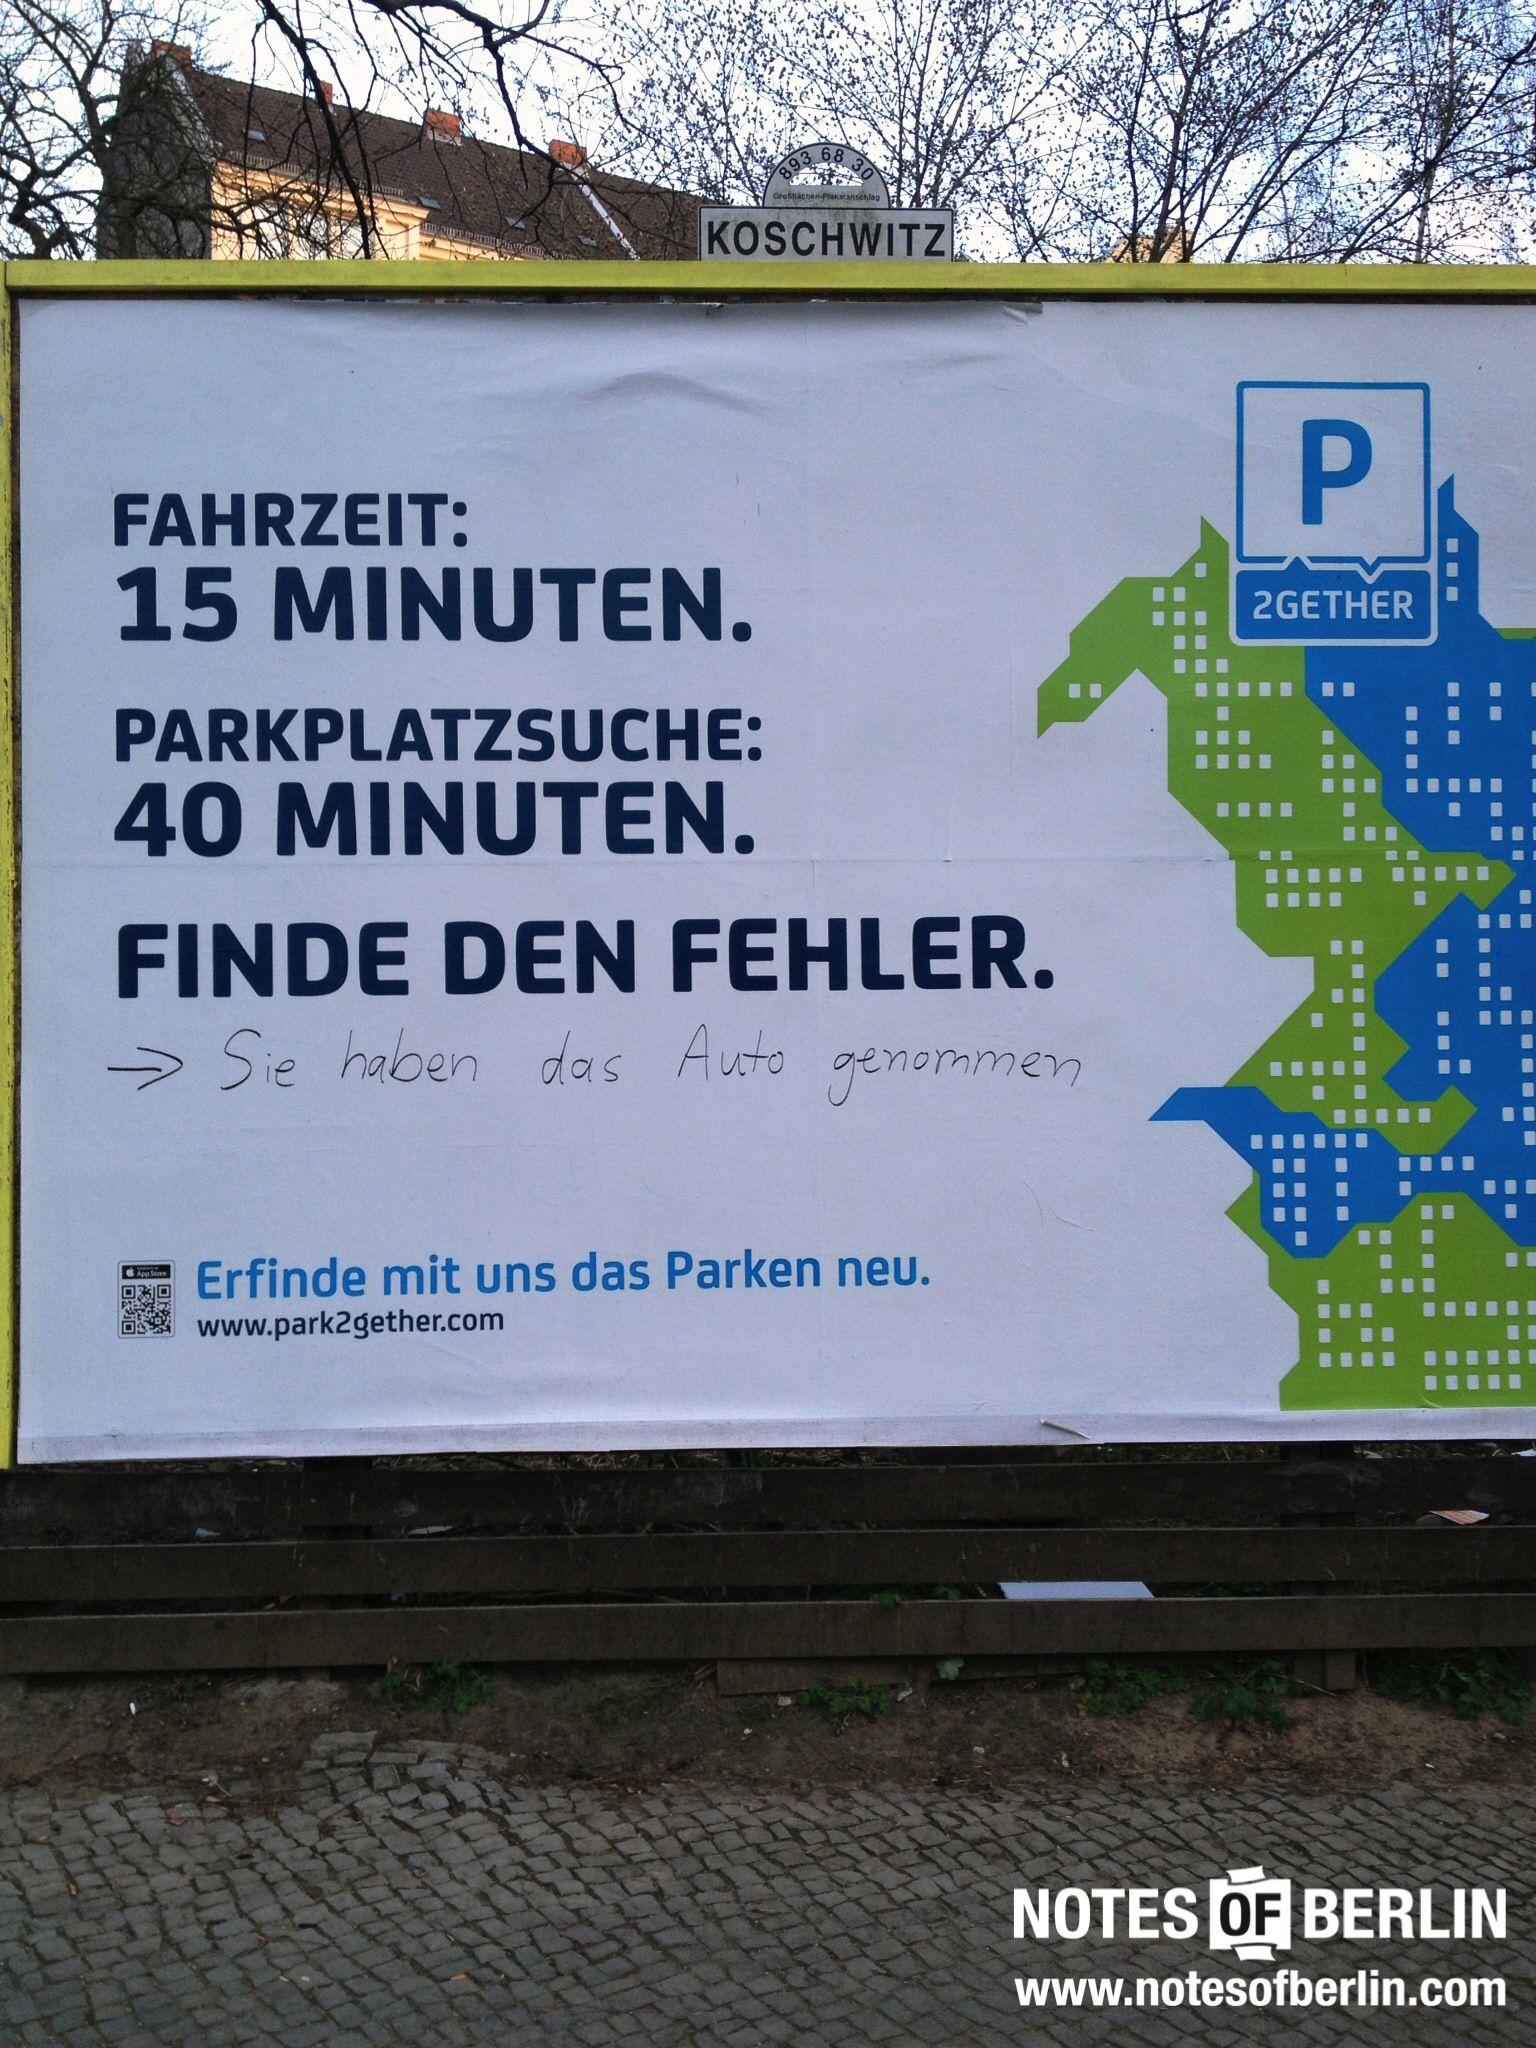 Belziger Straße | #Schöneberg // Mehr #NOTES findet ihr auf www.notesofberlin.com